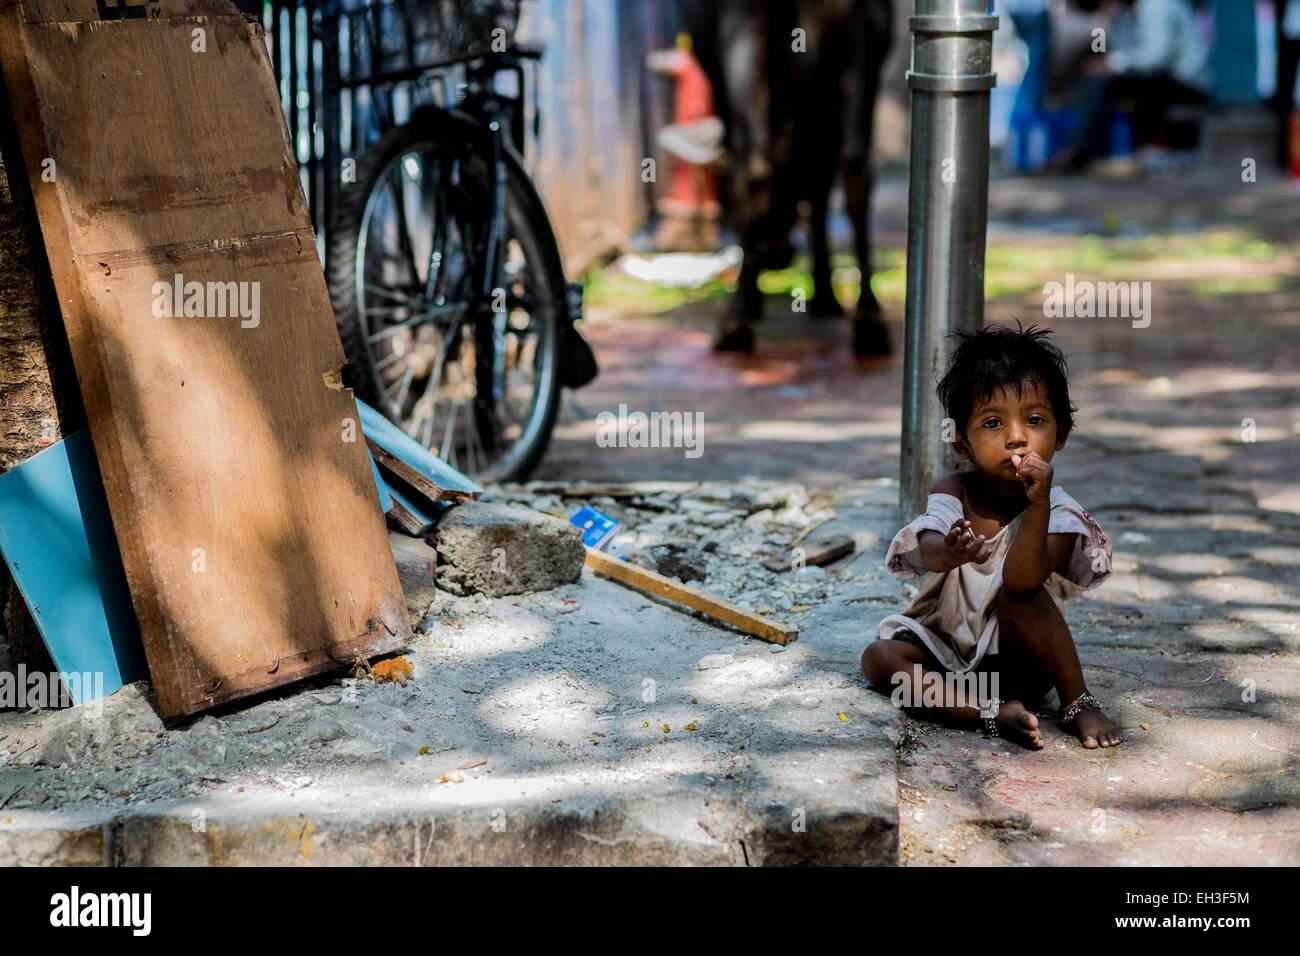 Eine kleine Obdachlosen Straßenkind sitzt am Straßenrand der Kamera mit der Hand heraus suchen. Stockbild